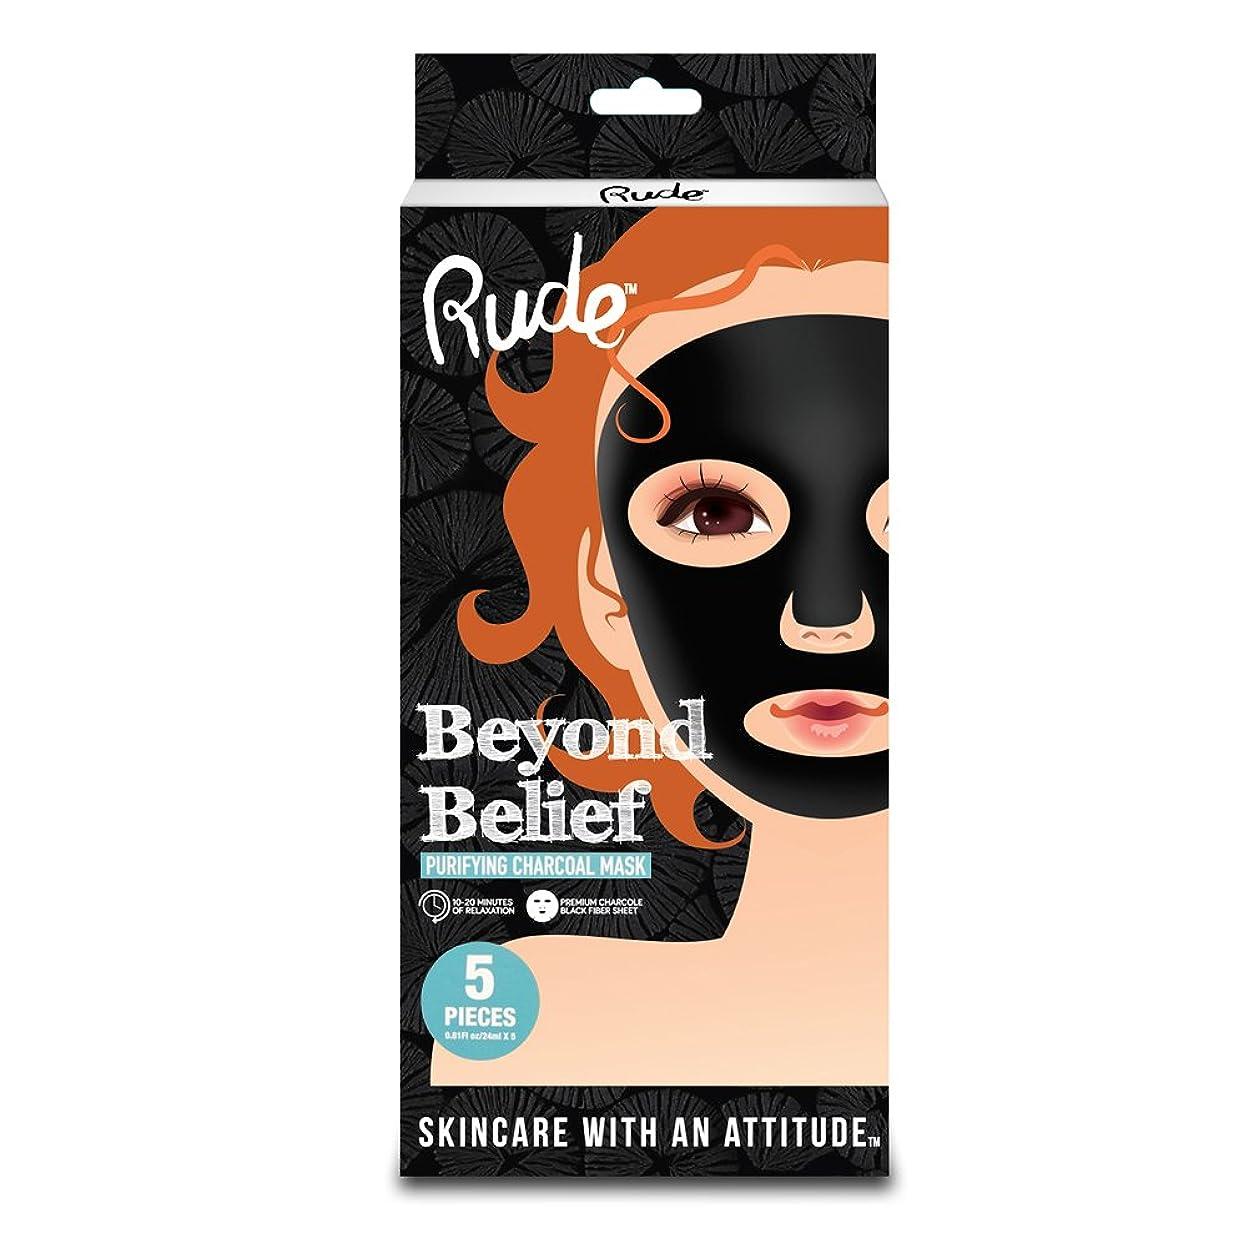 奨励言うまでもなく狼RUDE Beyond Belief Purifying Charcoal Mask 5 Piece Pack (並行輸入品)